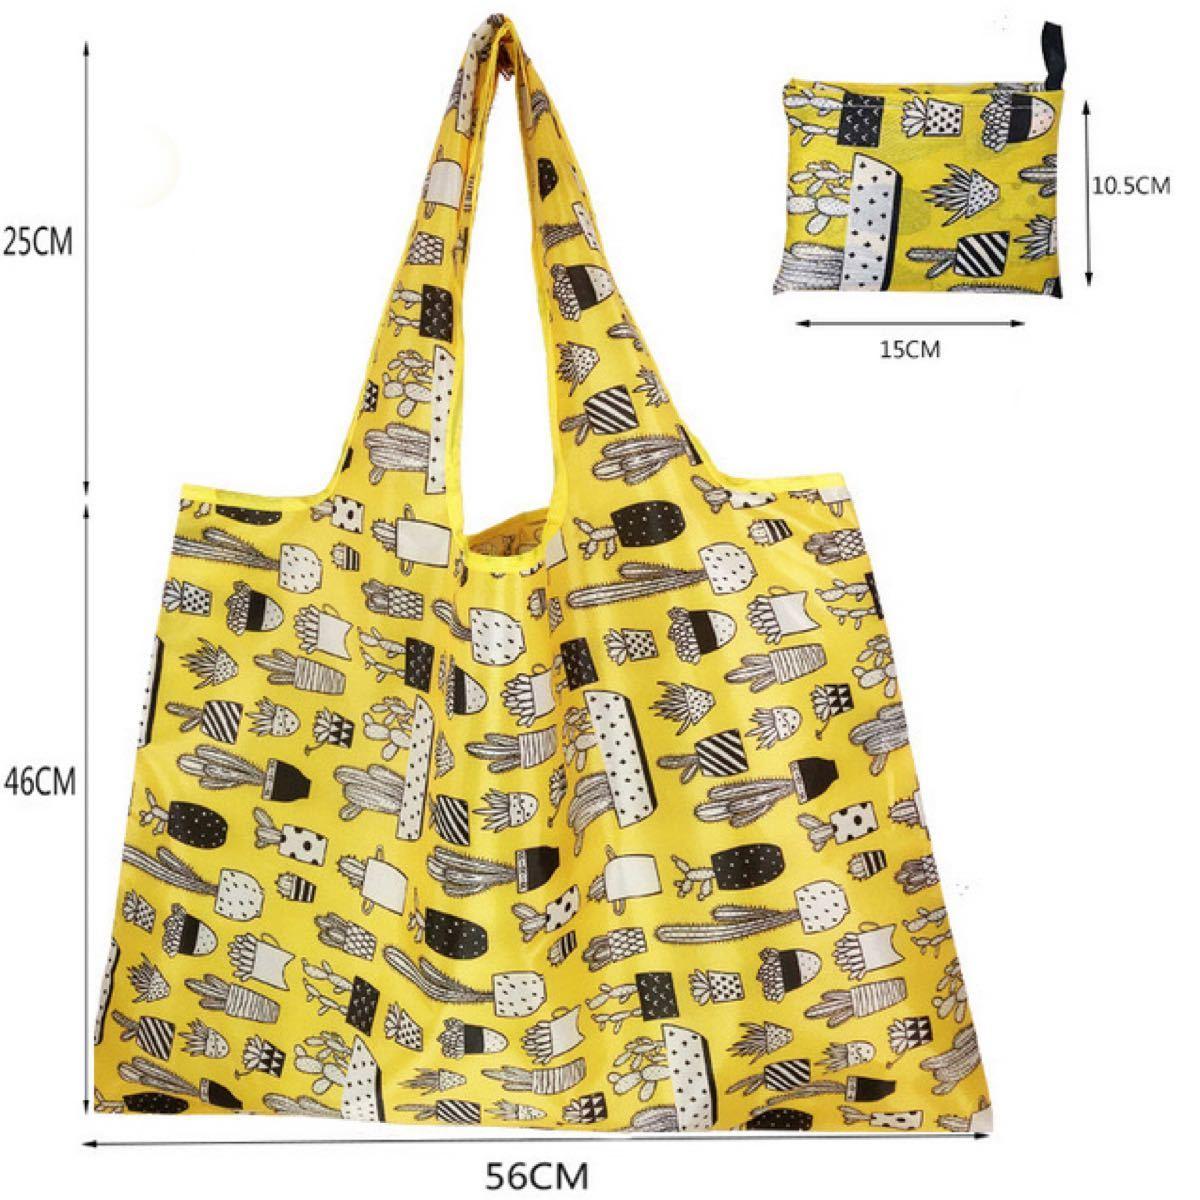 エコバッグ 折りたたみ 大容量 防水 ショッピングバッグ 買物袋 2枚セット